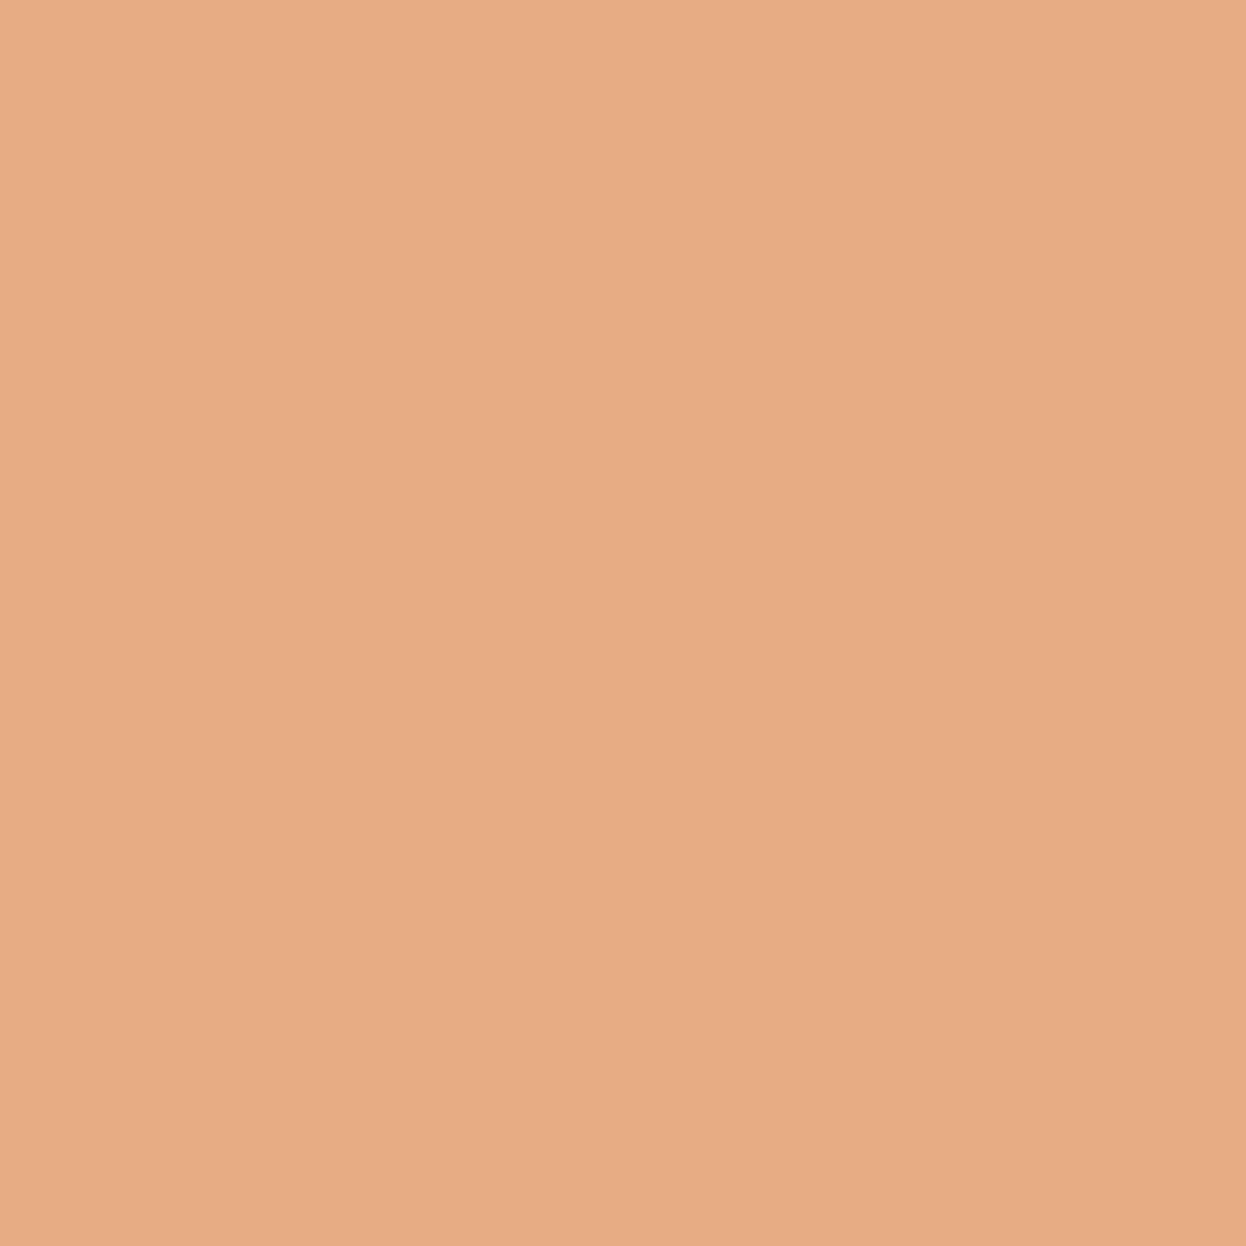 現像再生可能常習者SANMIMORE(サンミモレ化粧品) UVパクト 56号ライトピンク (レフィル 替パフ付)